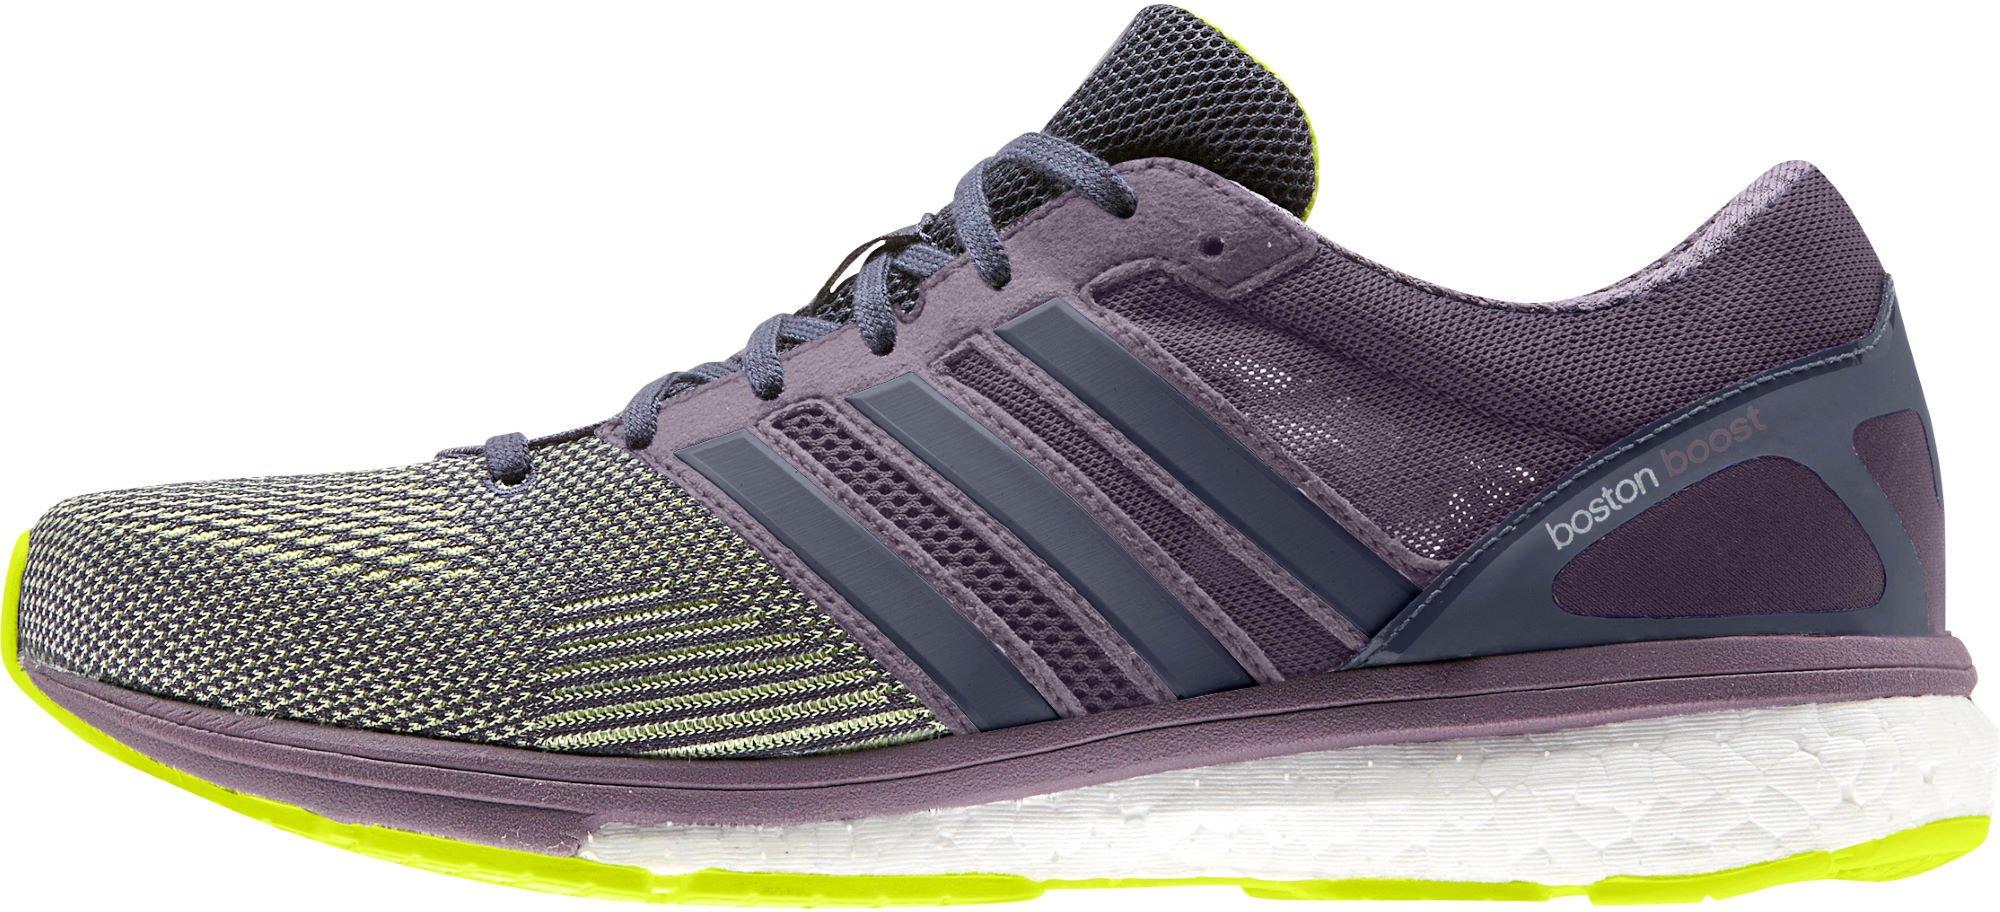 Best pris på Adidas Adizero Boston 6 (Dame) Se priser før kjøp